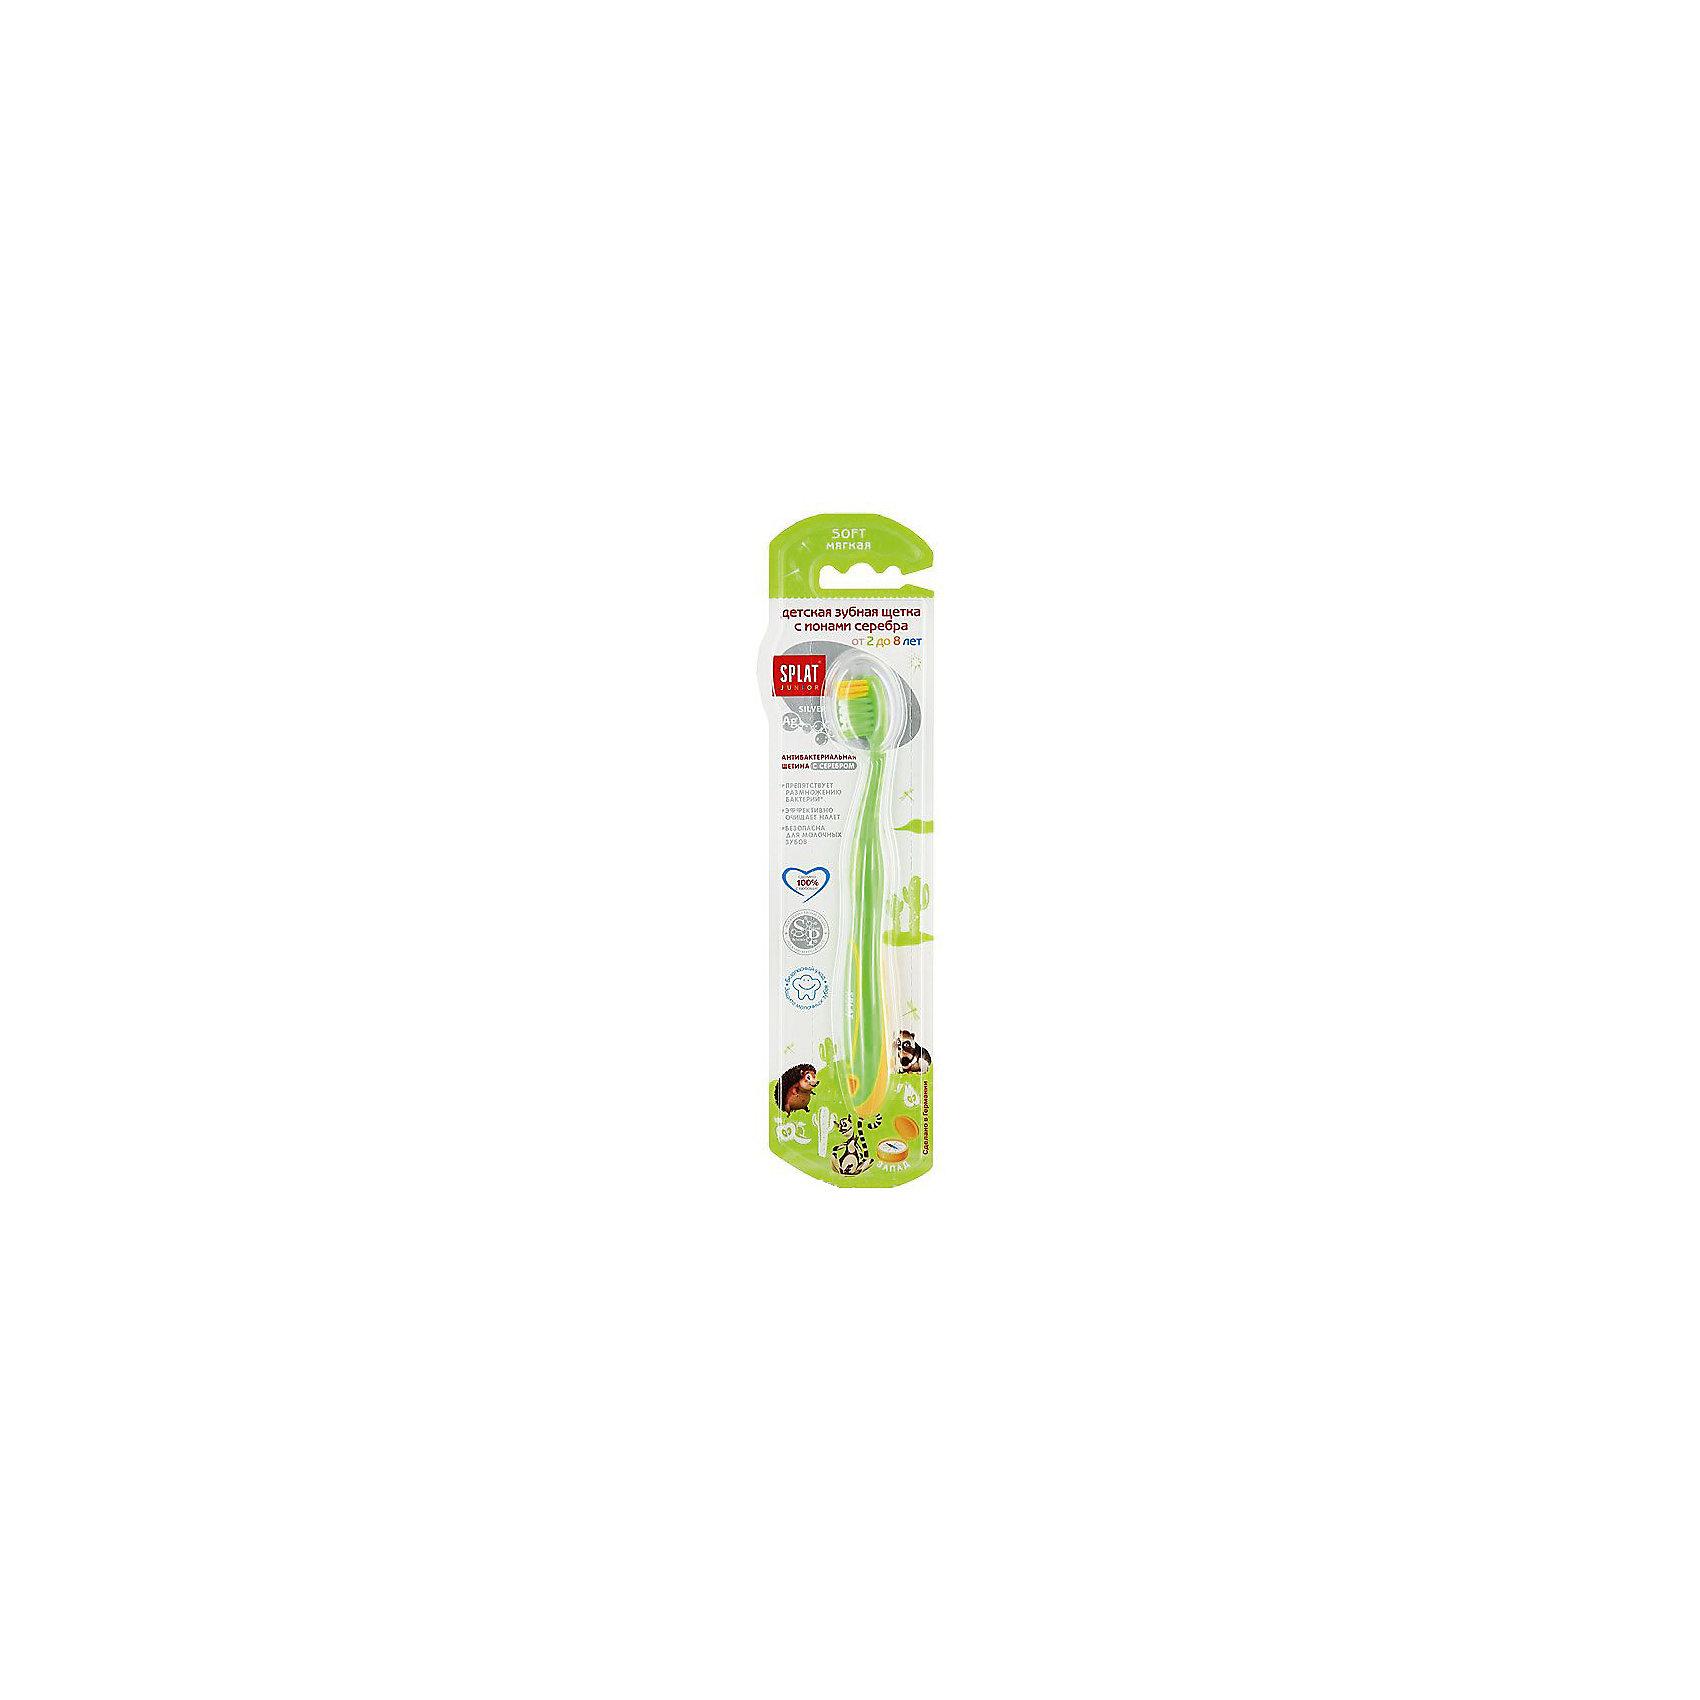 Детская зубная щетка JUNIOR Запад, Splat, зеленыйДетская зубная щетка JUNIOR Splat (Сплат), зеленая.    <br><br>Характеристика:<br><br>• Материал: пластик, нейлон.  <br>• Размер упаковки: 24х7х2 см. <br>• Эргономичная ручка с противоскользящей вставкой. <br>• Щетина обработана серебром (антибактериальный эффект).<br>• Резиновое покрытие головки щетки для мягкого очищения языка и внутренней поверхности щек. <br>• Жесткость щетины: мягкая. <br>• Стильный лаконичный дизайн. <br><br>Зубная щетка JUNIOR от известного бренда Splat прекрасно очищает полость рта, полностью удаляя зубной налет. Мягкая щетина с посеребрением препятствует размножению бактерий, качественно ухаживая за зубами, не травмируя десны. Резиновое покрытие головки щетки очищает язык и внутреннюю поверхность щек. Эргономичная ручка с противоскользящей поверхностью препятствует выскальзыванию. Сдержанный лаконичный дизайн понравится любому подростку.<br><br>Детскую зубную щетку JUNIOR Splat (Сплат), зеленую, можно купить в нашем интернет-магазине.<br><br>Ширина мм: 20<br>Глубина мм: 25<br>Высота мм: 160<br>Вес г: 40<br>Возраст от месяцев: 36<br>Возраст до месяцев: 84<br>Пол: Унисекс<br>Возраст: Детский<br>SKU: 5130722